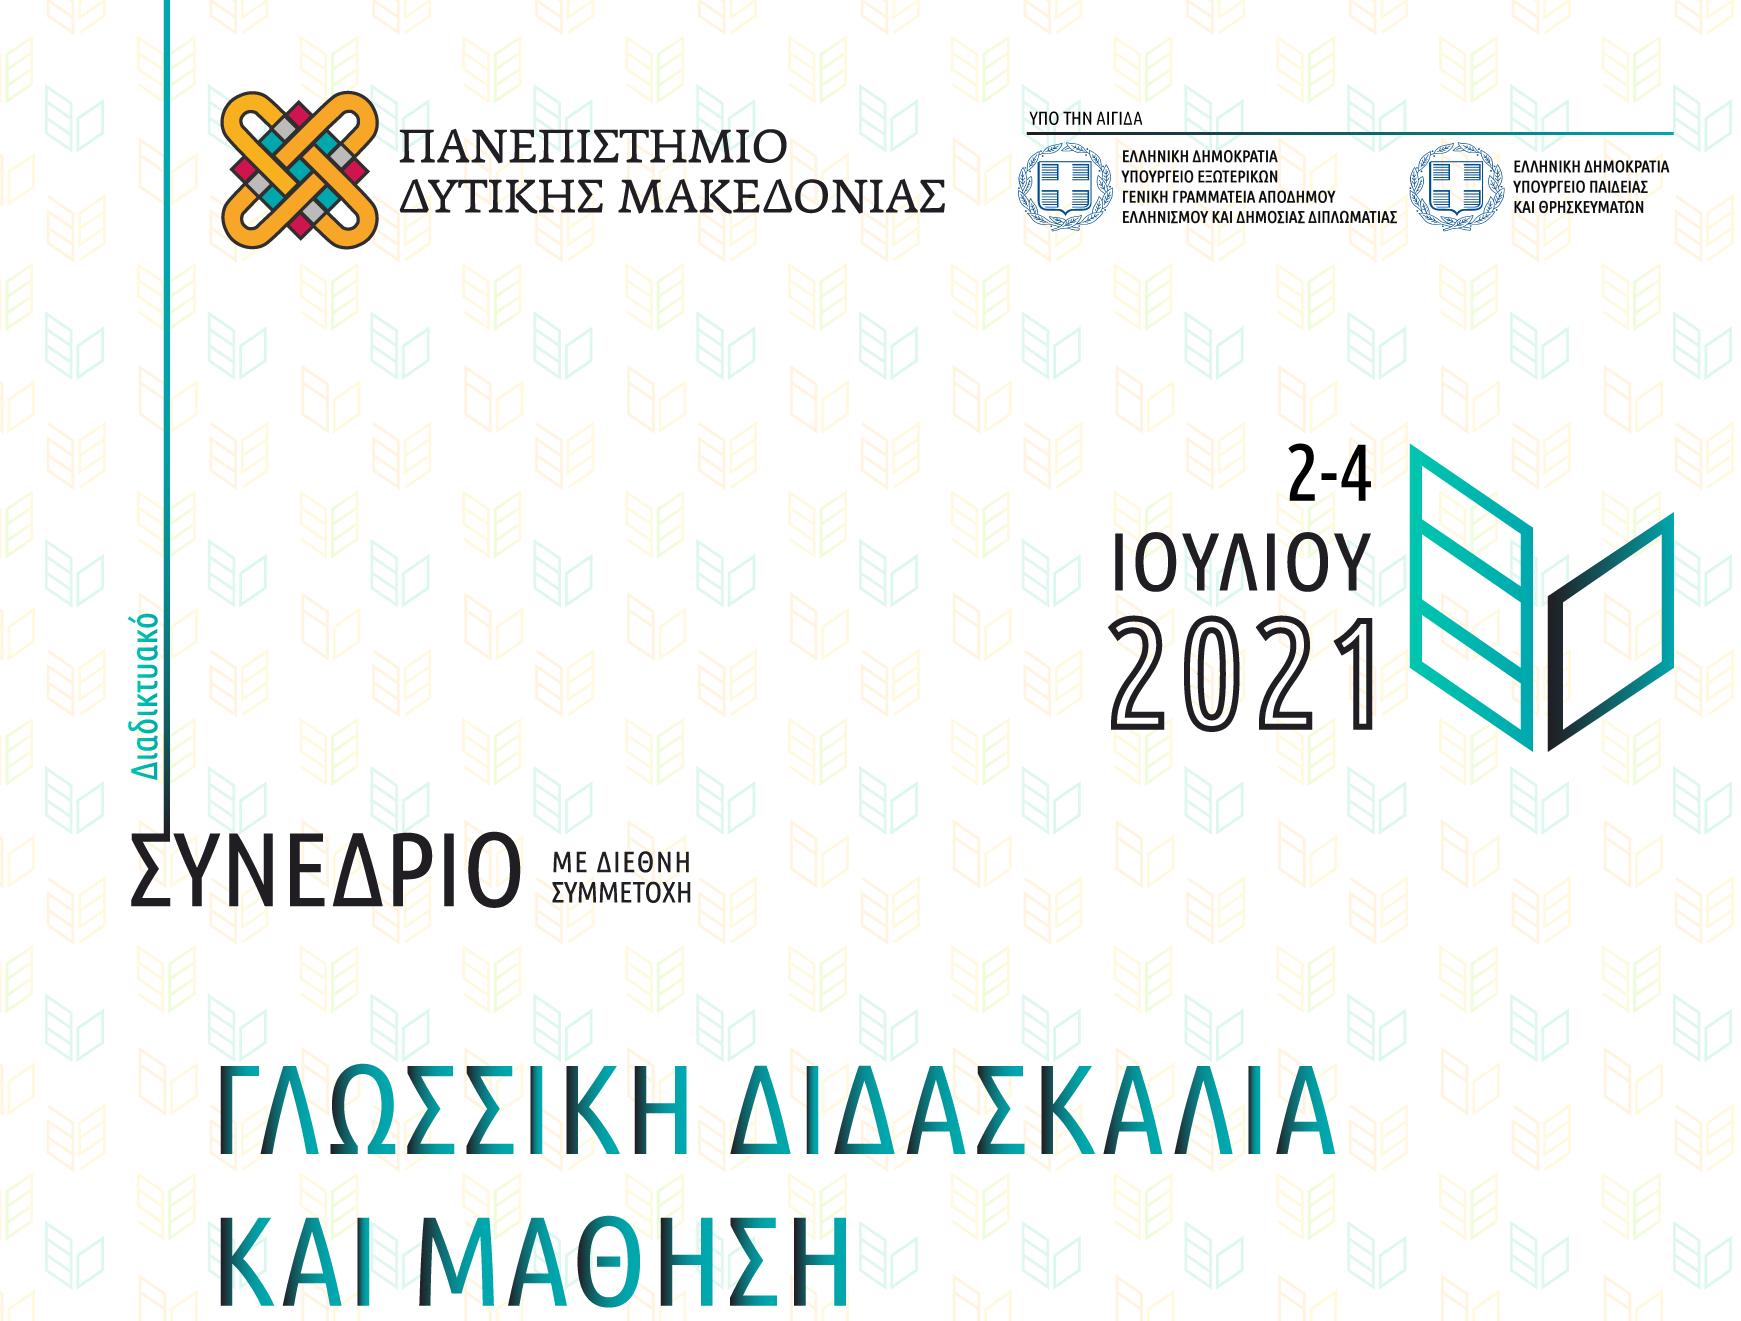 Πανεπιστήμιο Δυτικής Μακεδονίας: Διαδικτυακό Συνέδριο:«Γλωσσική Διδασκαλία και Μάθηση στο Σύγχρονο Εκπαιδευτικό και Κοινωνικό Περιβάλλον»